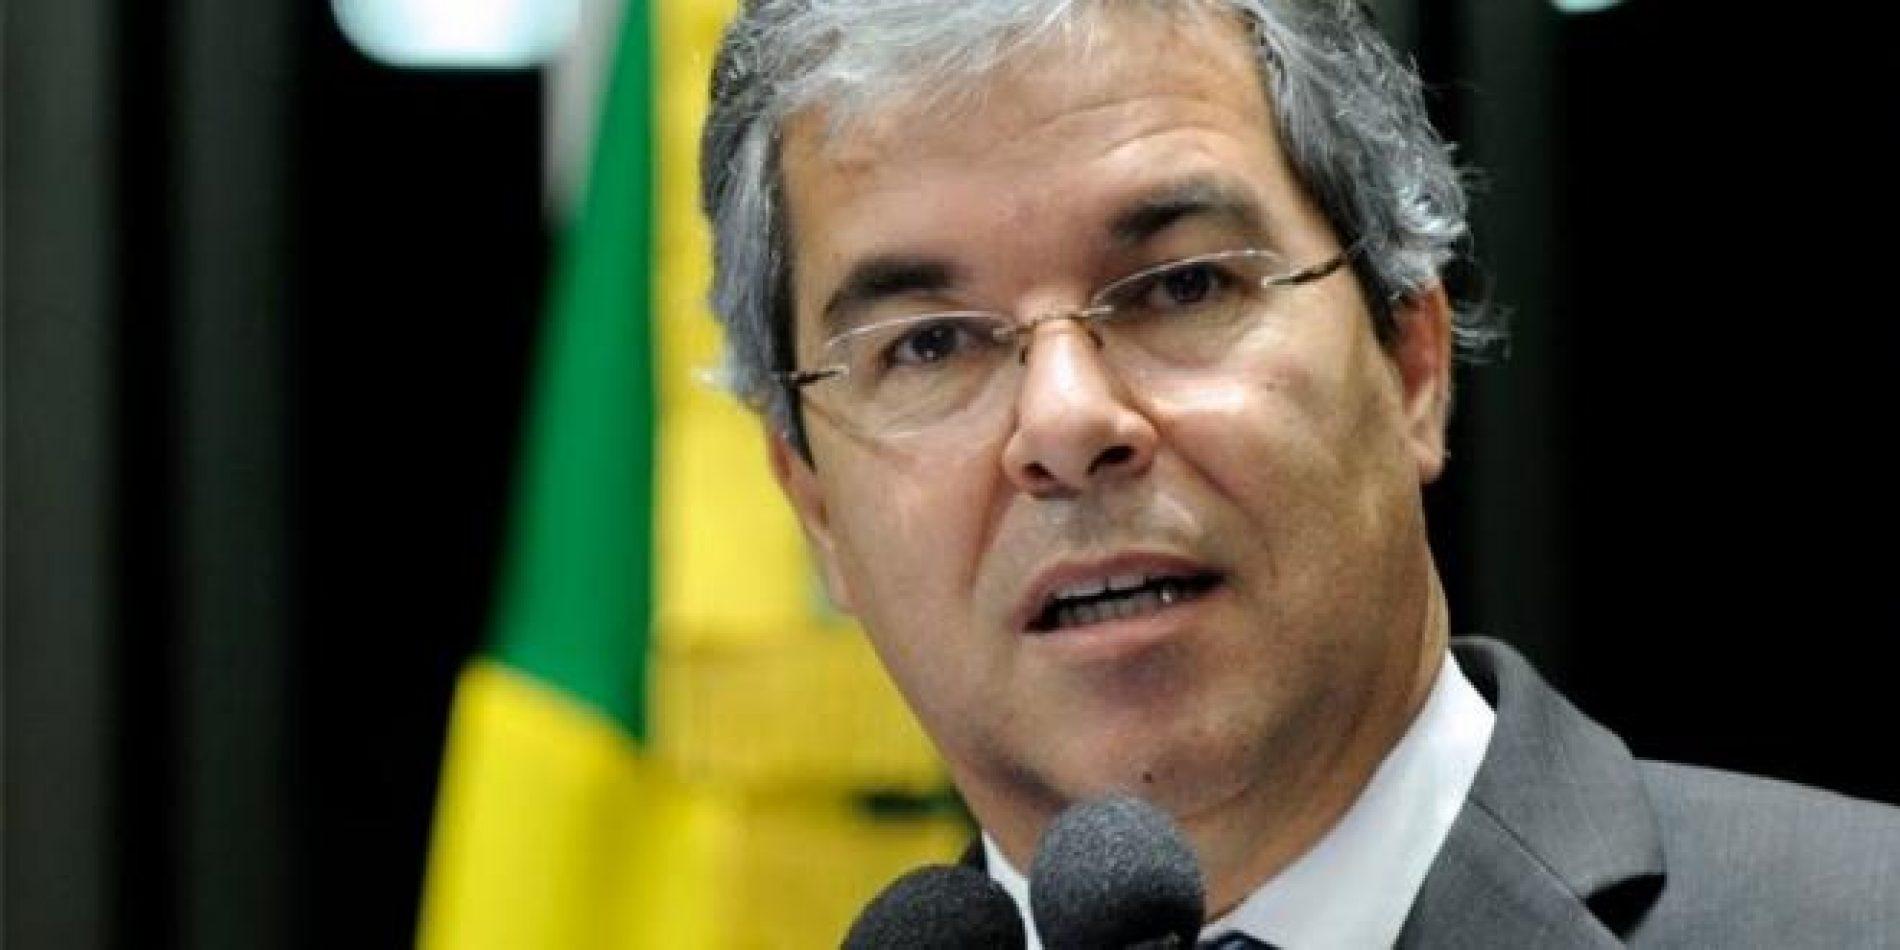 Após afastamento de Renan, petista assume presidência do Senado